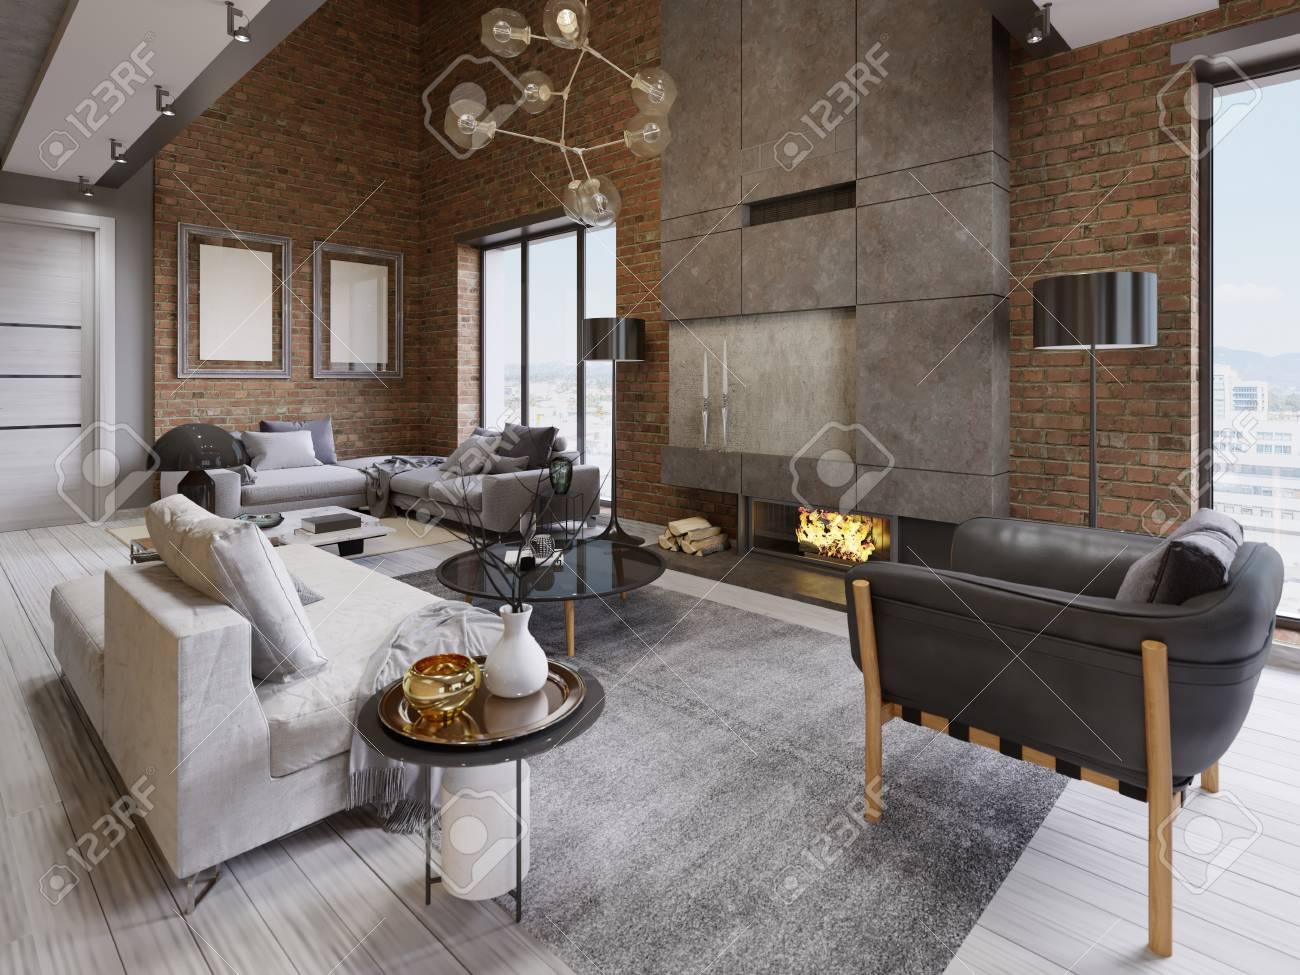 Remarkable Modern Vintage Loft Apartment Living Room 3D Rendering Home Interior And Landscaping Oversignezvosmurscom